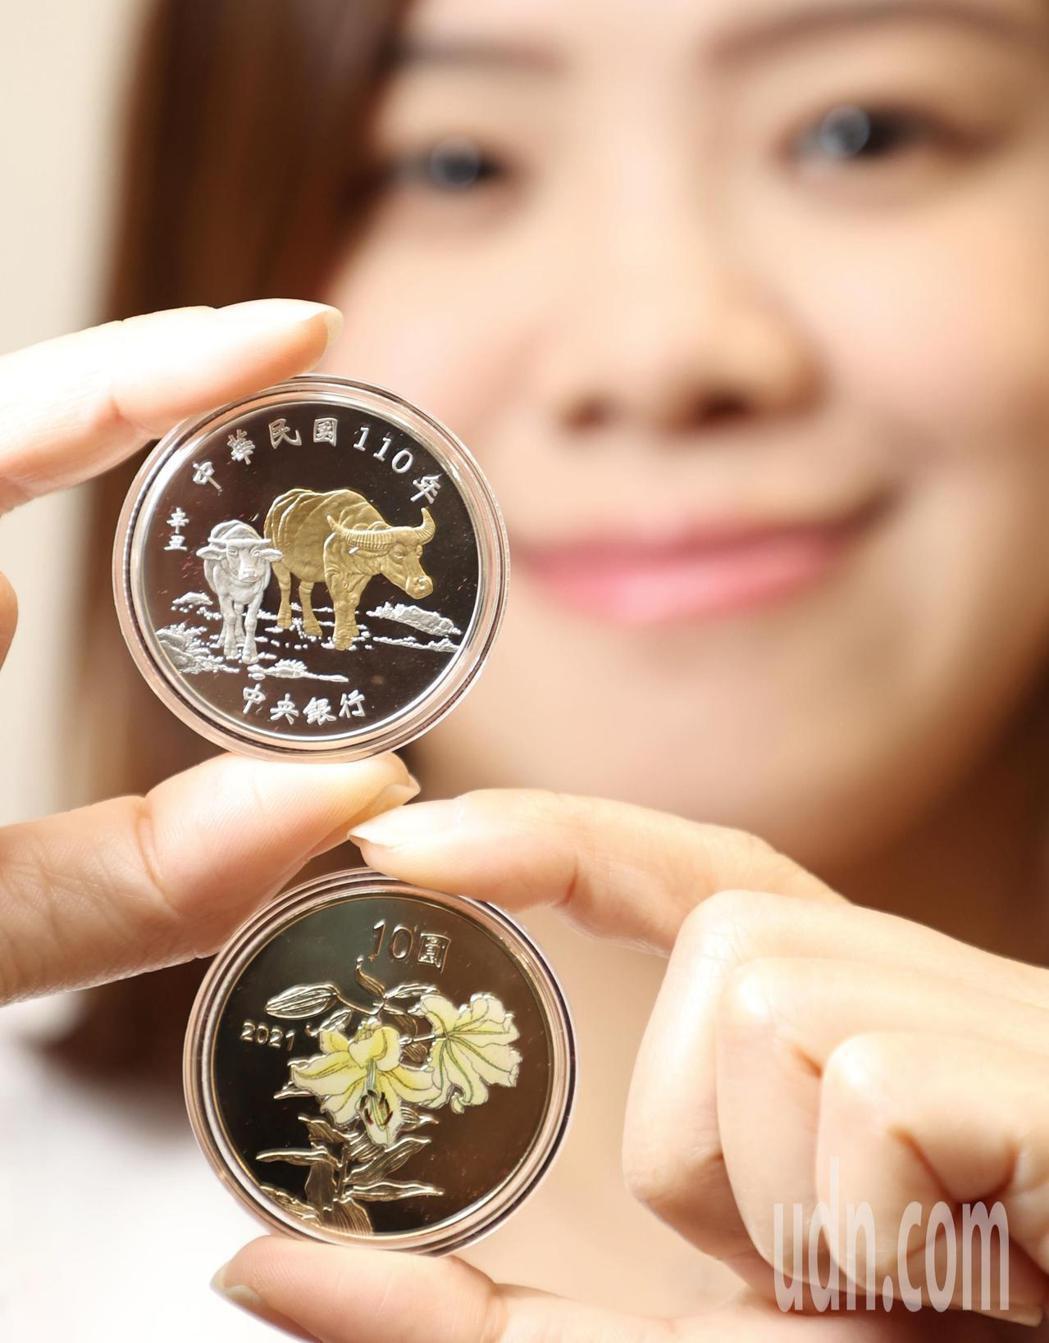 銅合金幣正面以生肖「牛」為主構圖,背面則為部分上彩的「百合花」。記者侯永全/攝影